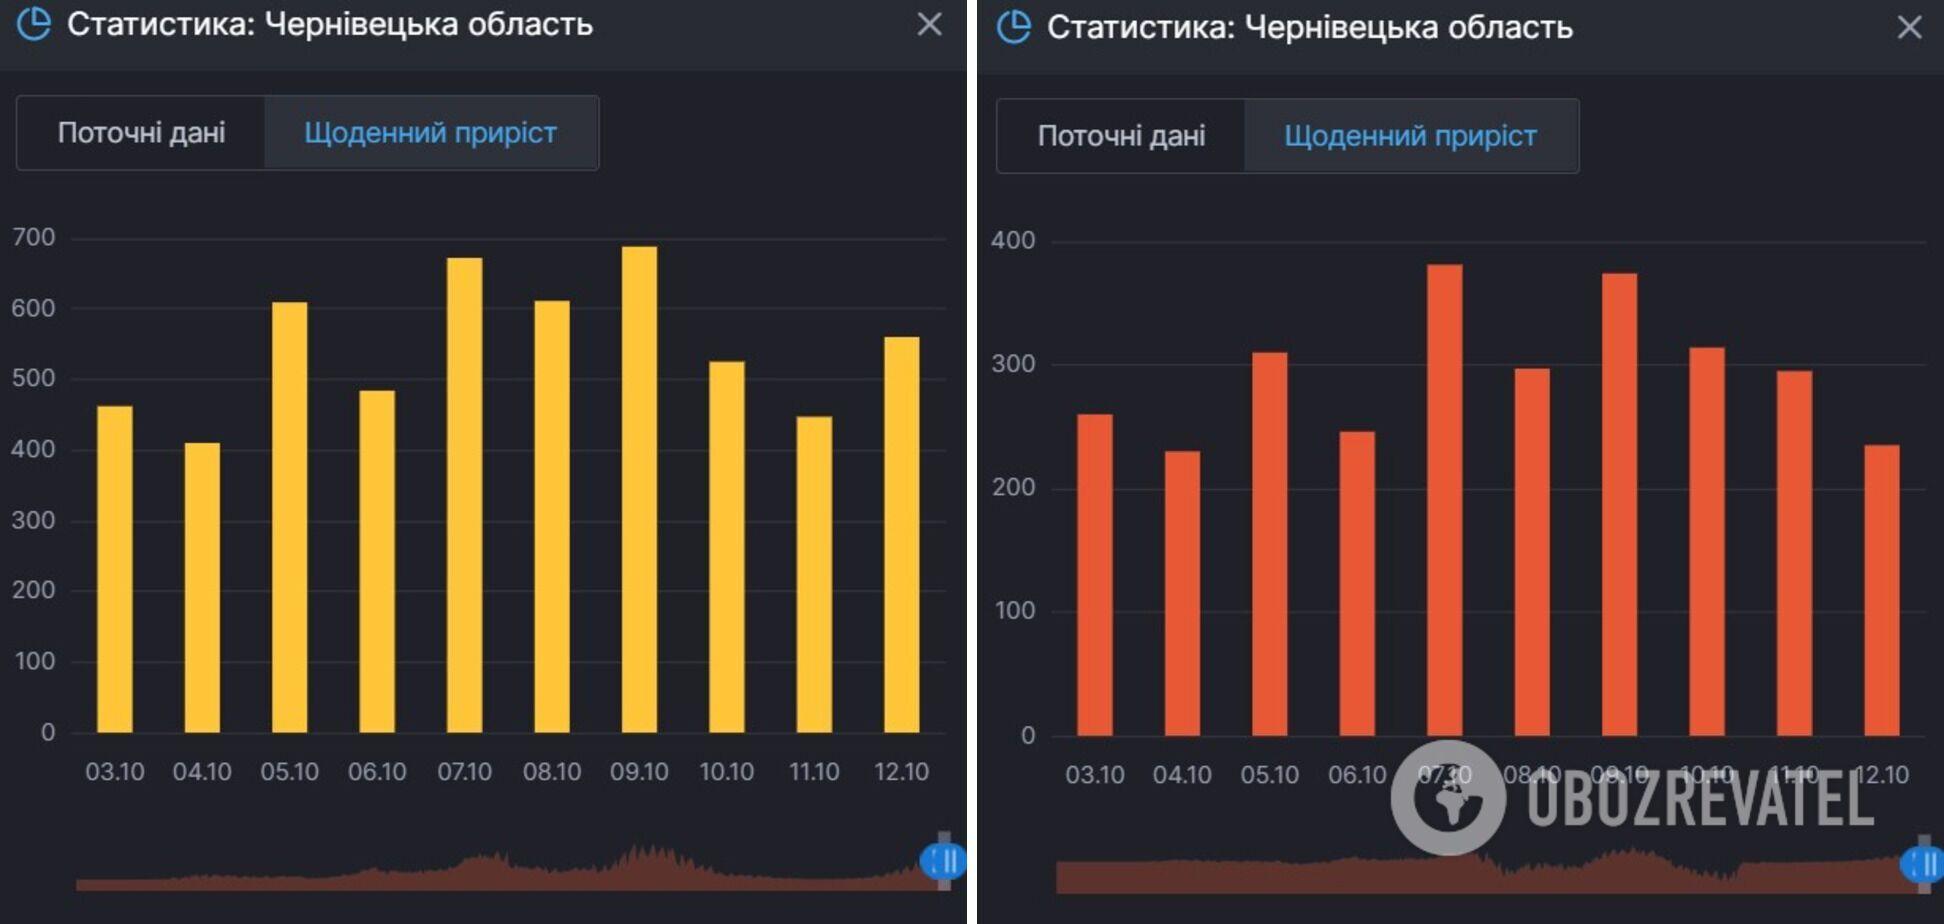 Приріст заражень COVID-19 і тих, хто хворіє у Чернігівській області